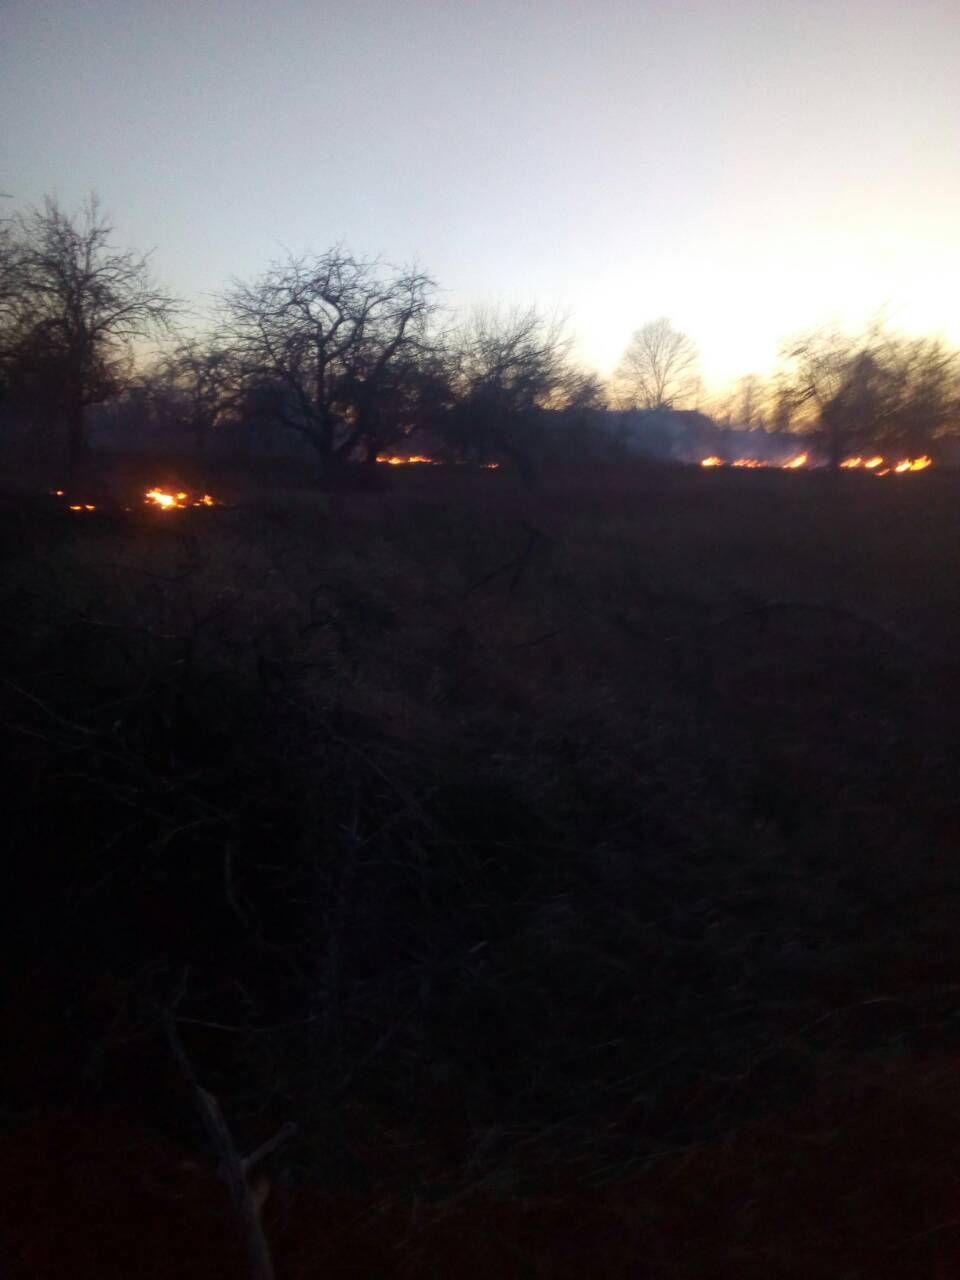 За минулу добу в екосистемах Іванківщини сталося п'ять пожеж, в яких горіли гектари трави -  - photo 2020 03 16 11 41 23